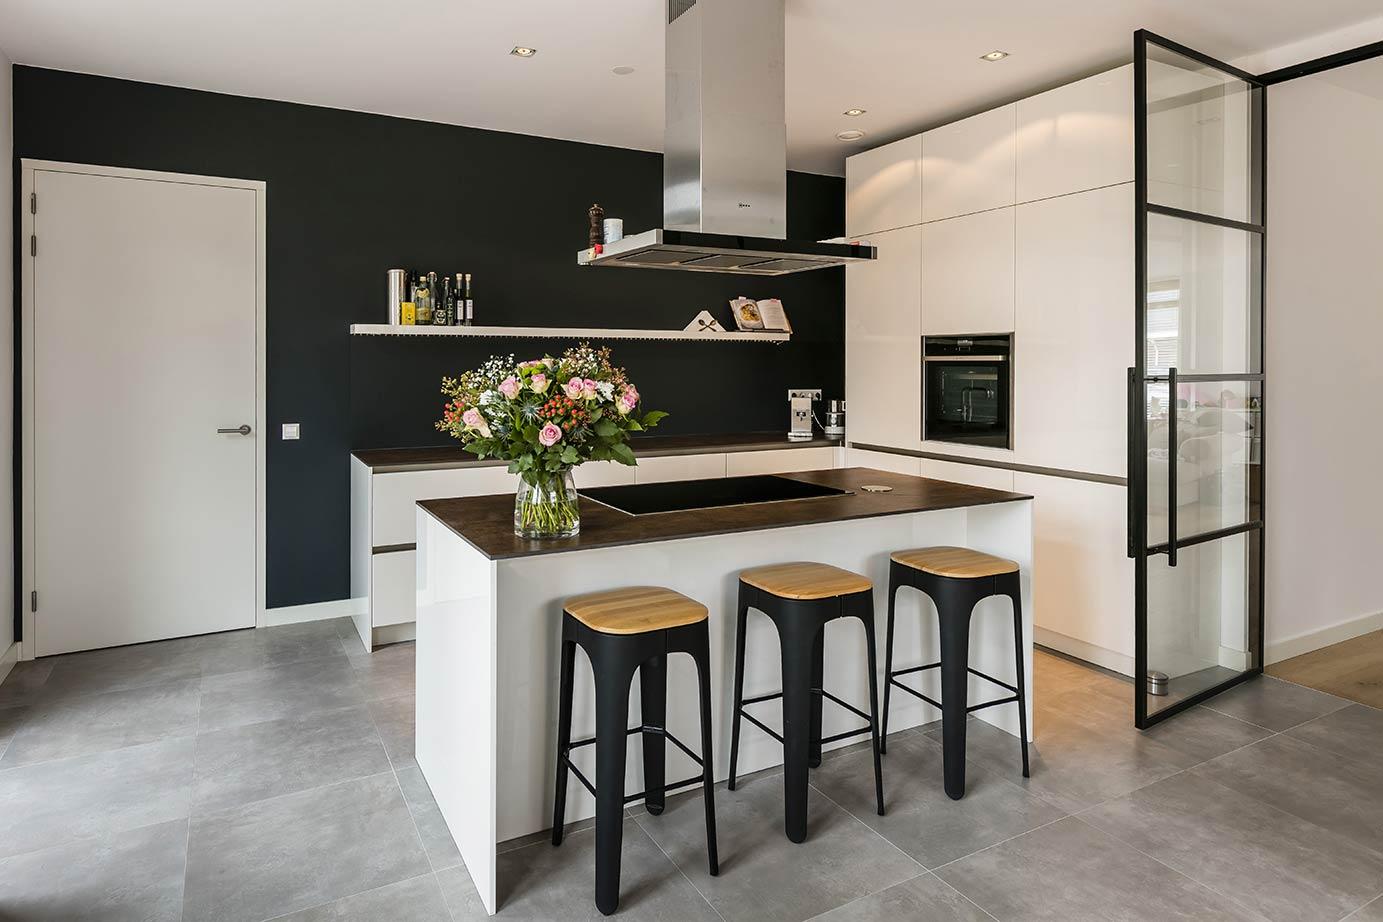 Witte keuken voorbeelden ideeën nieuws startpagina voor keuken